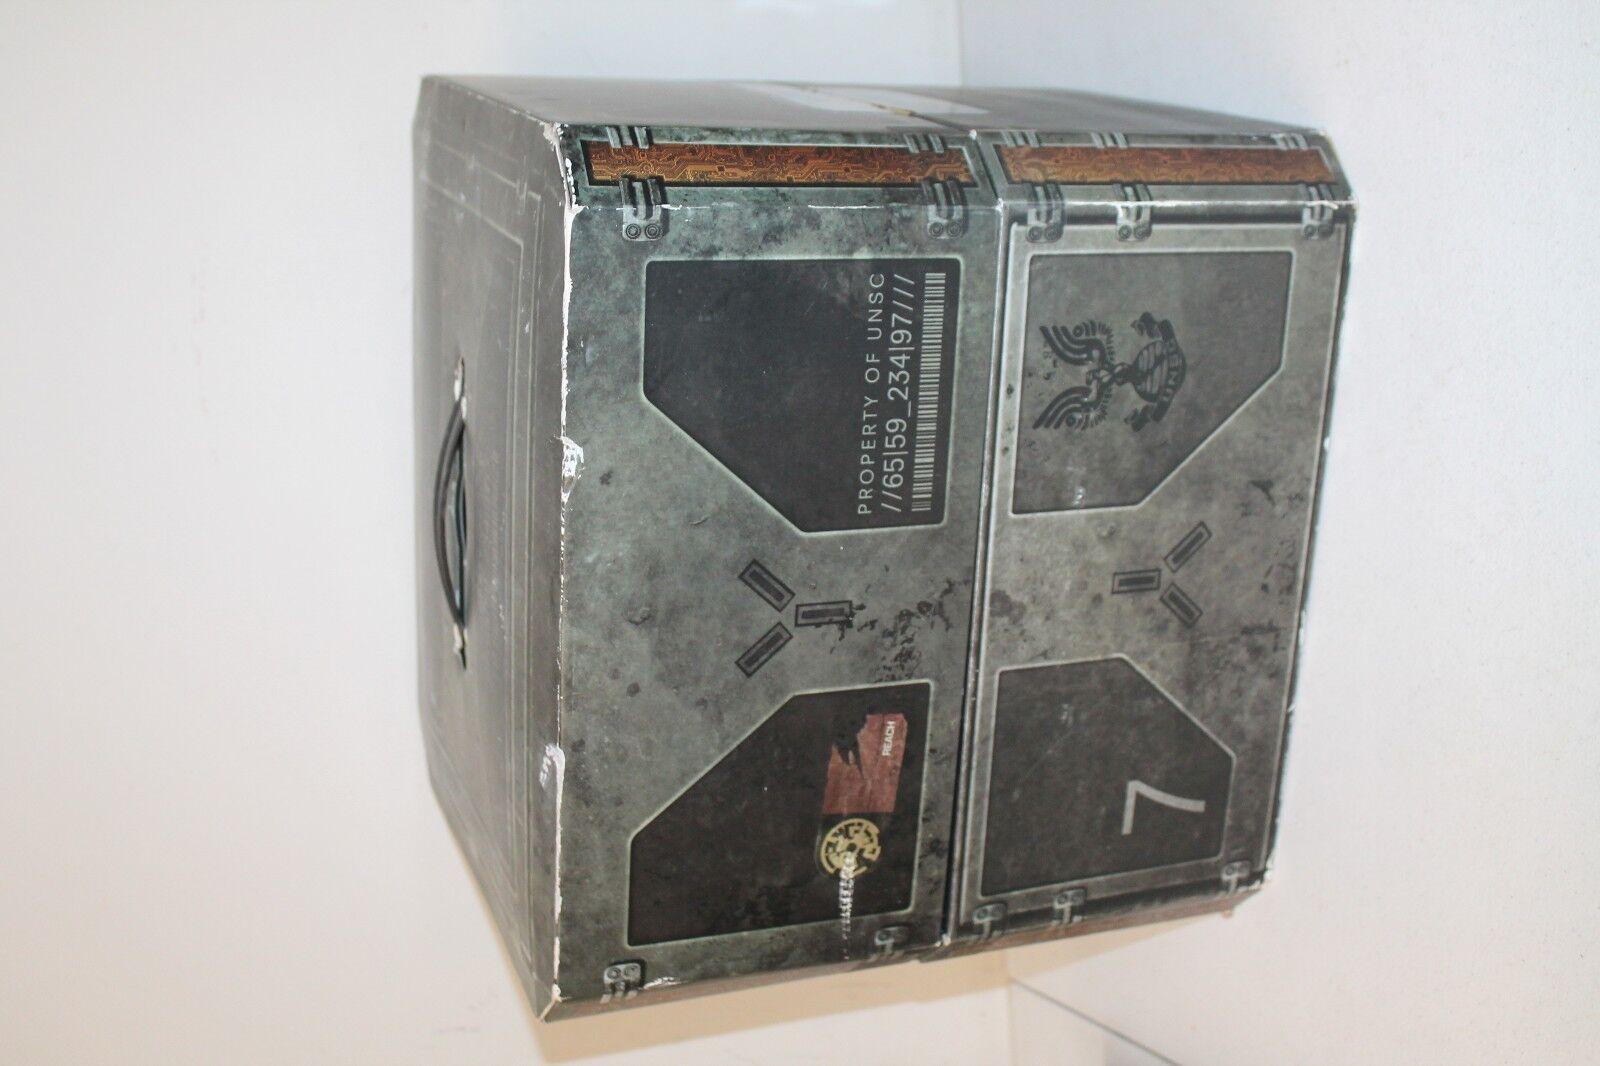 Halo Reach Edición Legendaria Juego De Xbox 360 desaparecidos Sin Dlc